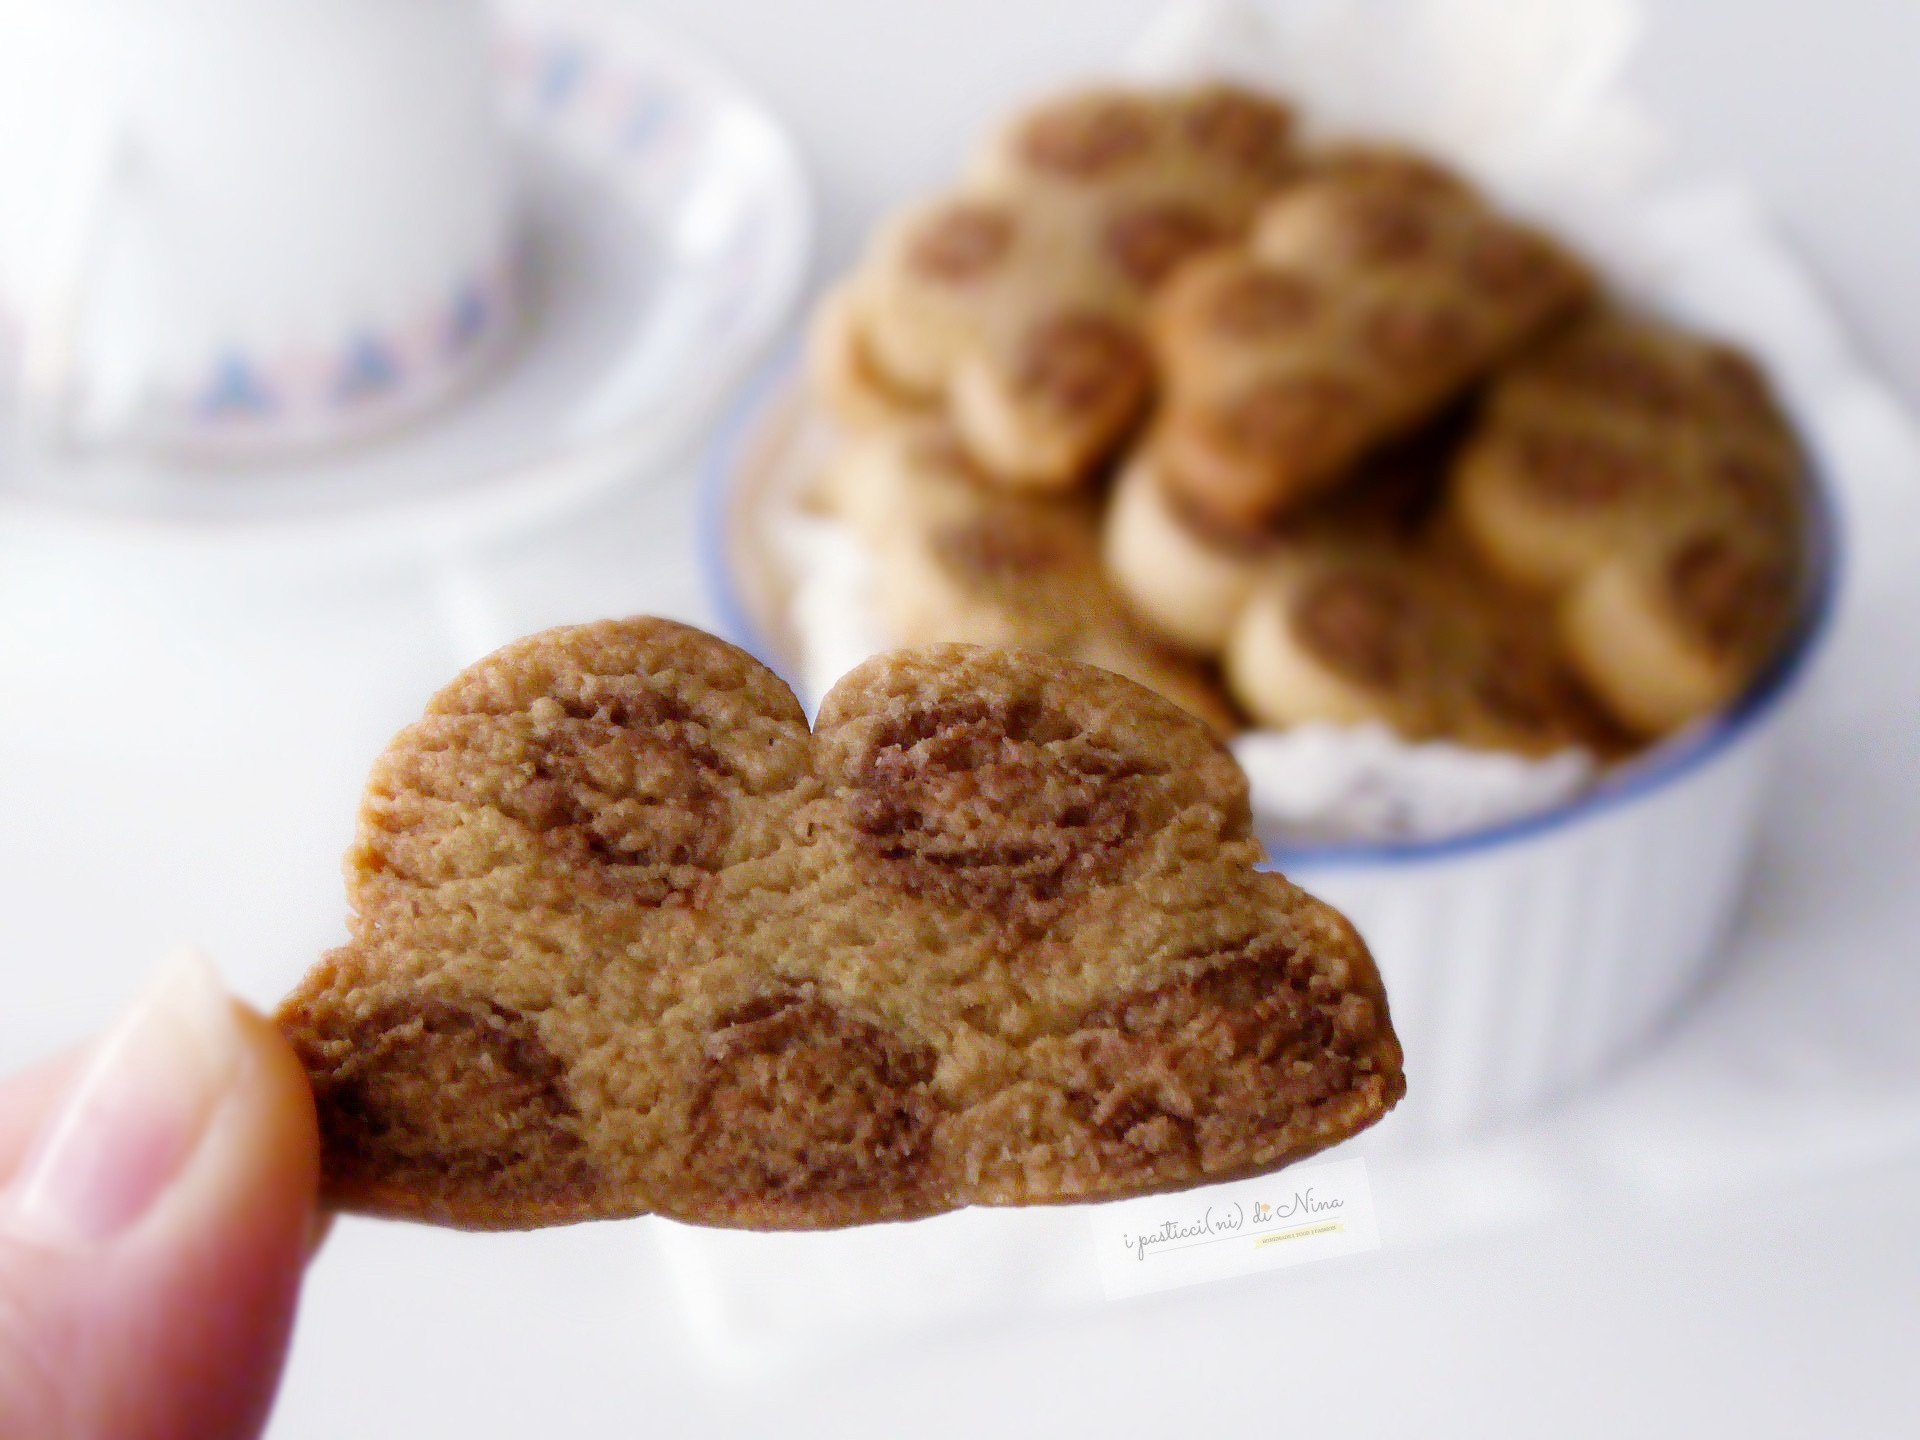 biscotti ricchi di fibre con farina d'avena effetto maculato